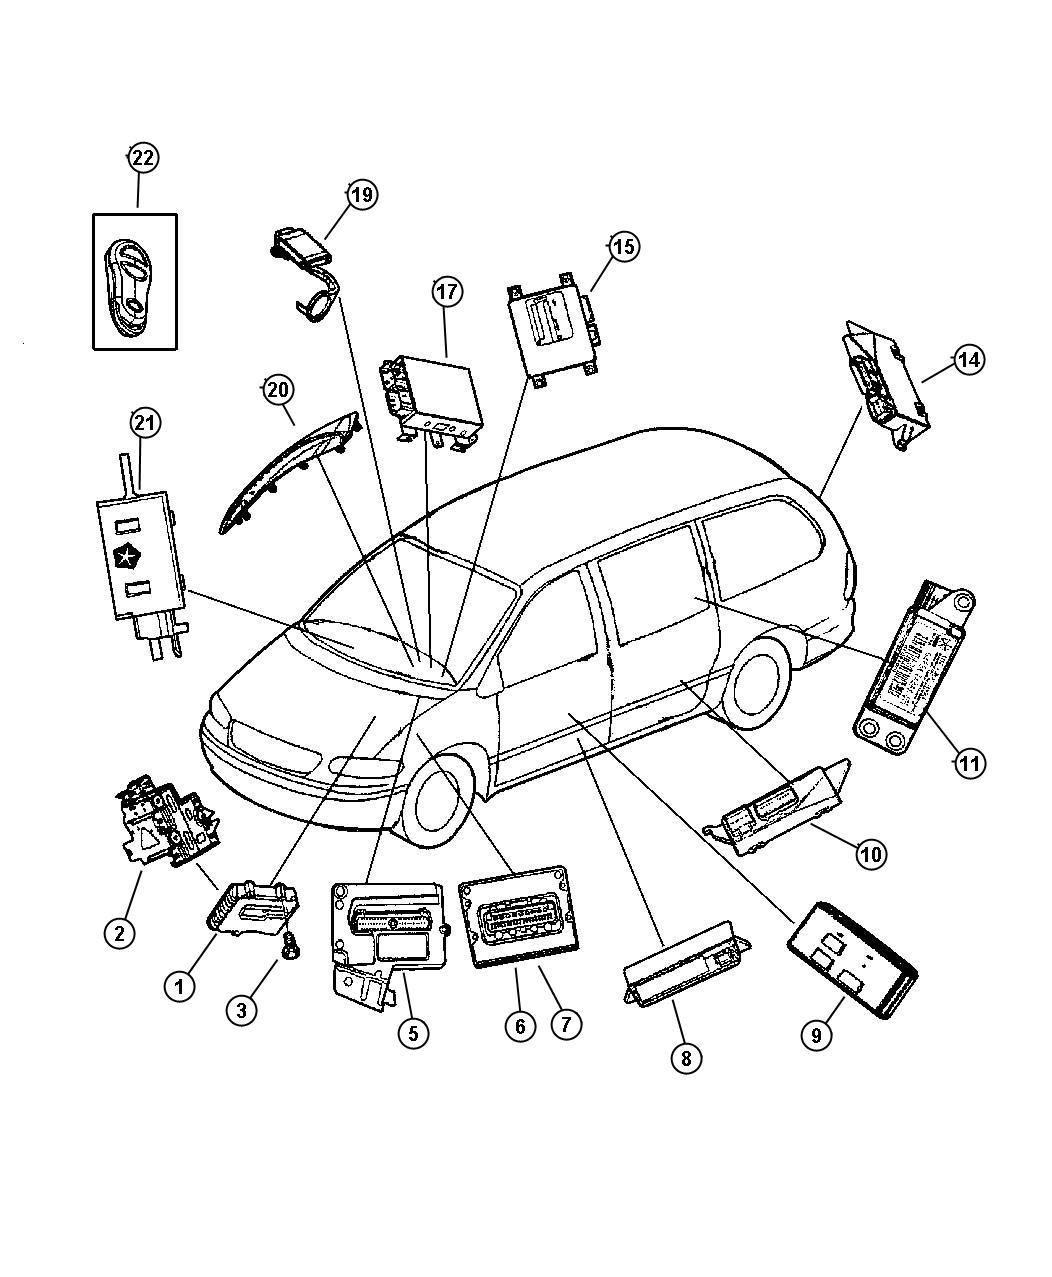 2003 Chrysler Voyager Modules--Electronic